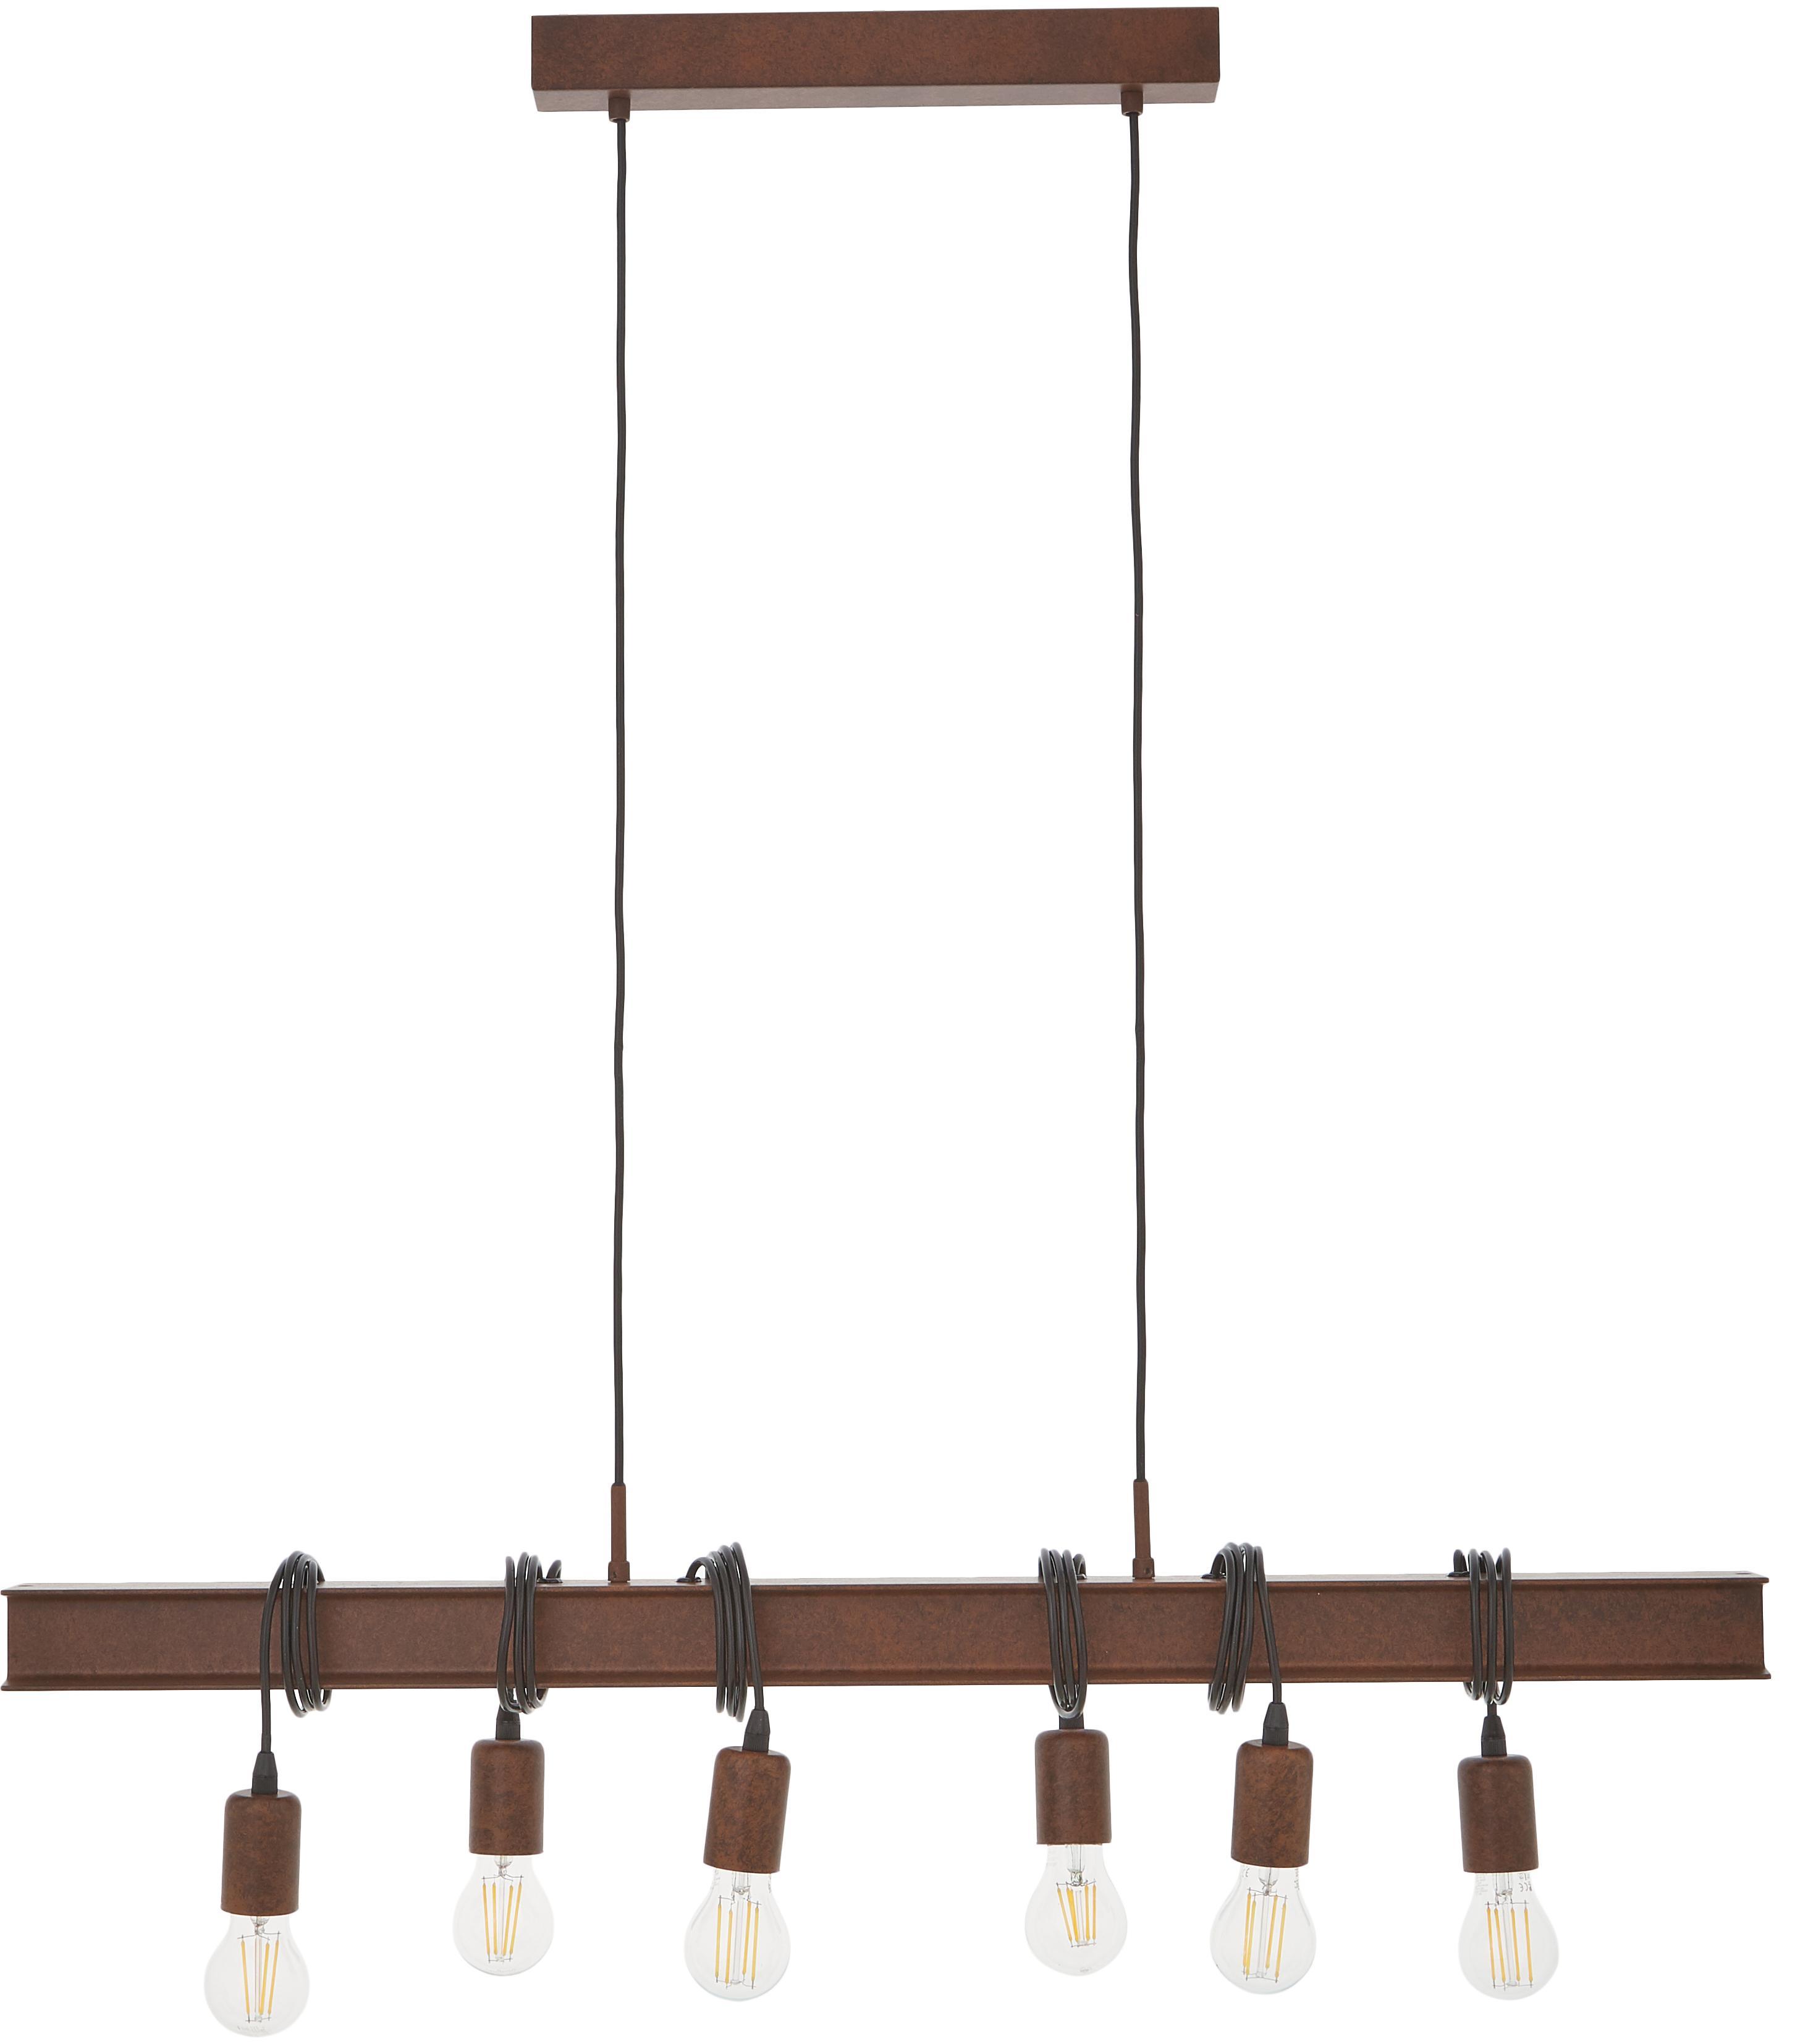 Große Pendelleuchte Townshend, Braun, 101 x 22 cm